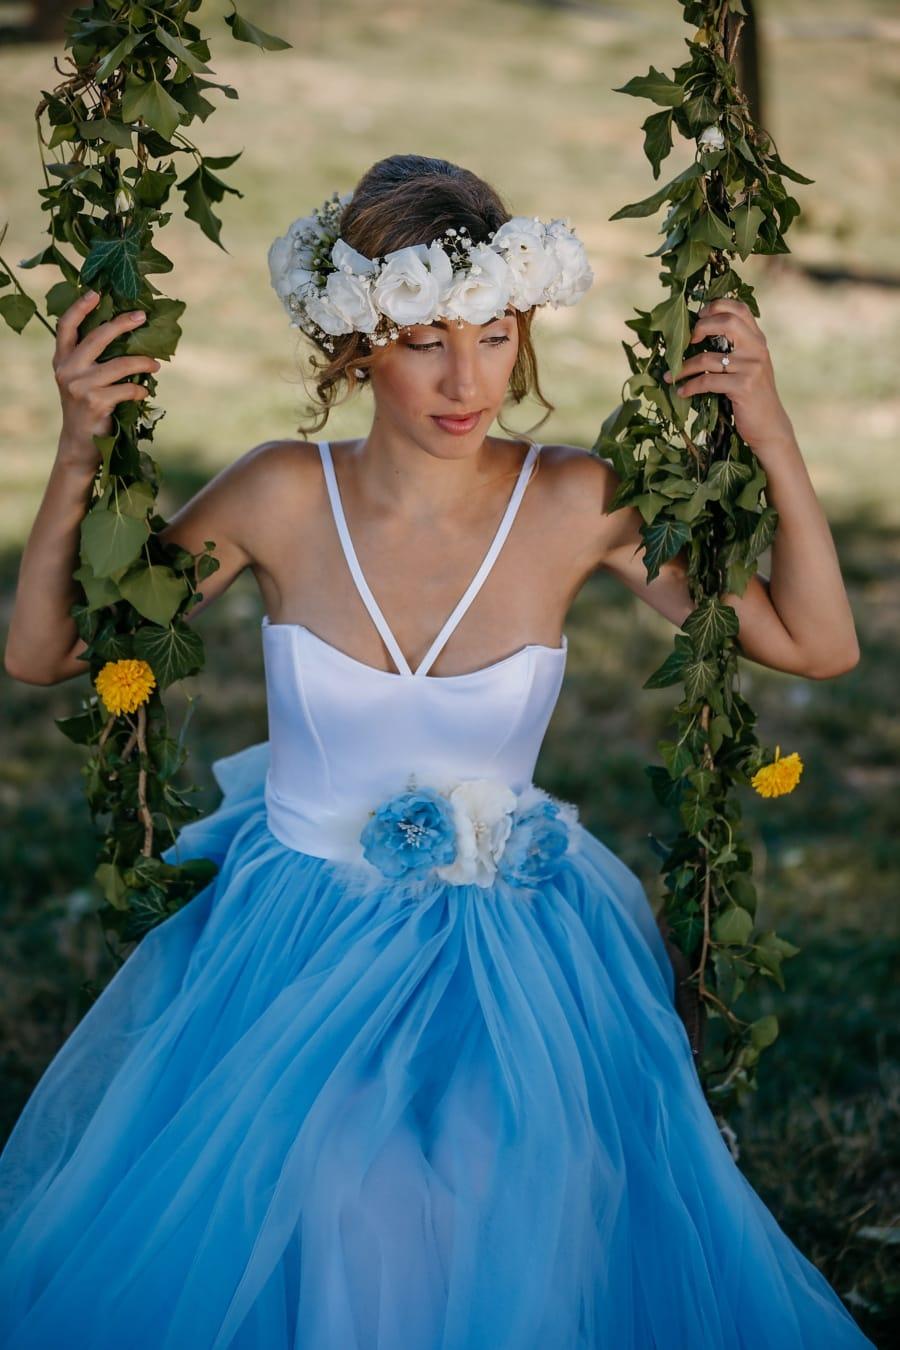 nimf, prachtige, godin, mooi meisje, schommel, jurk, bloemen, rok, bruid, mode